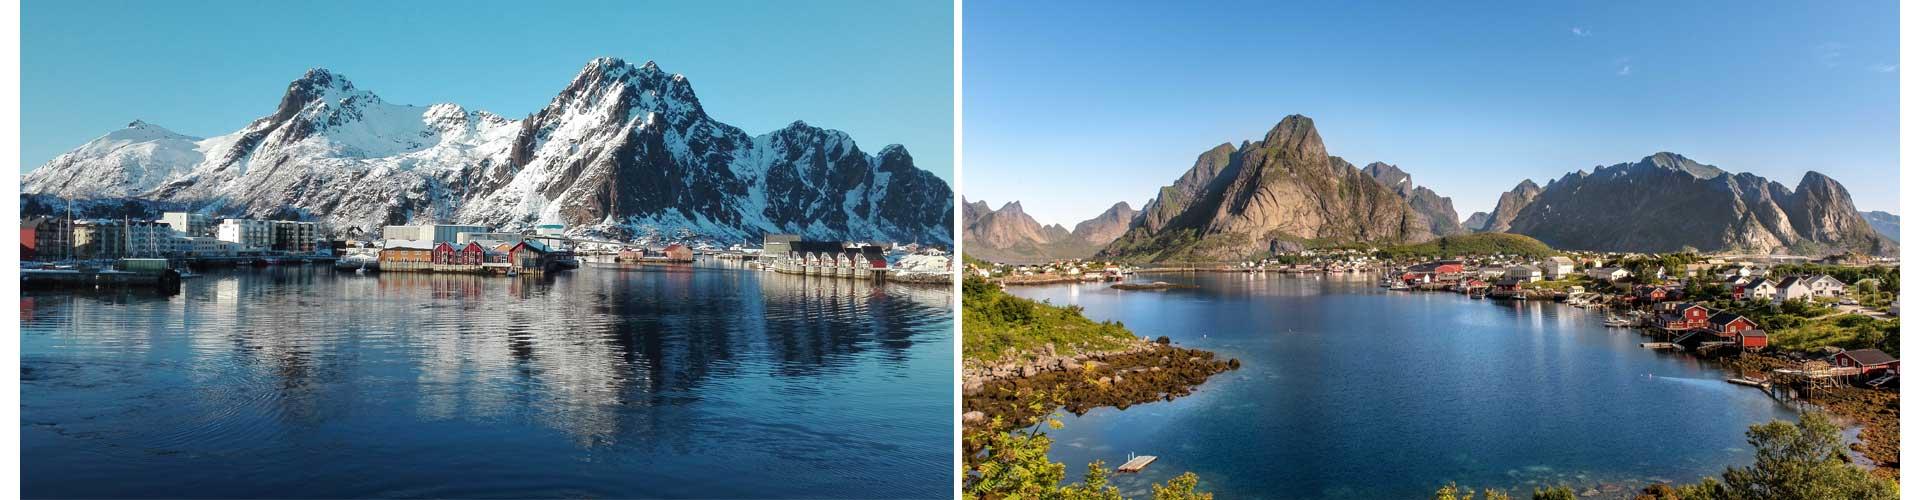 Norwegen Reisetagebuch Skandinavien Schären Fjord Stadt